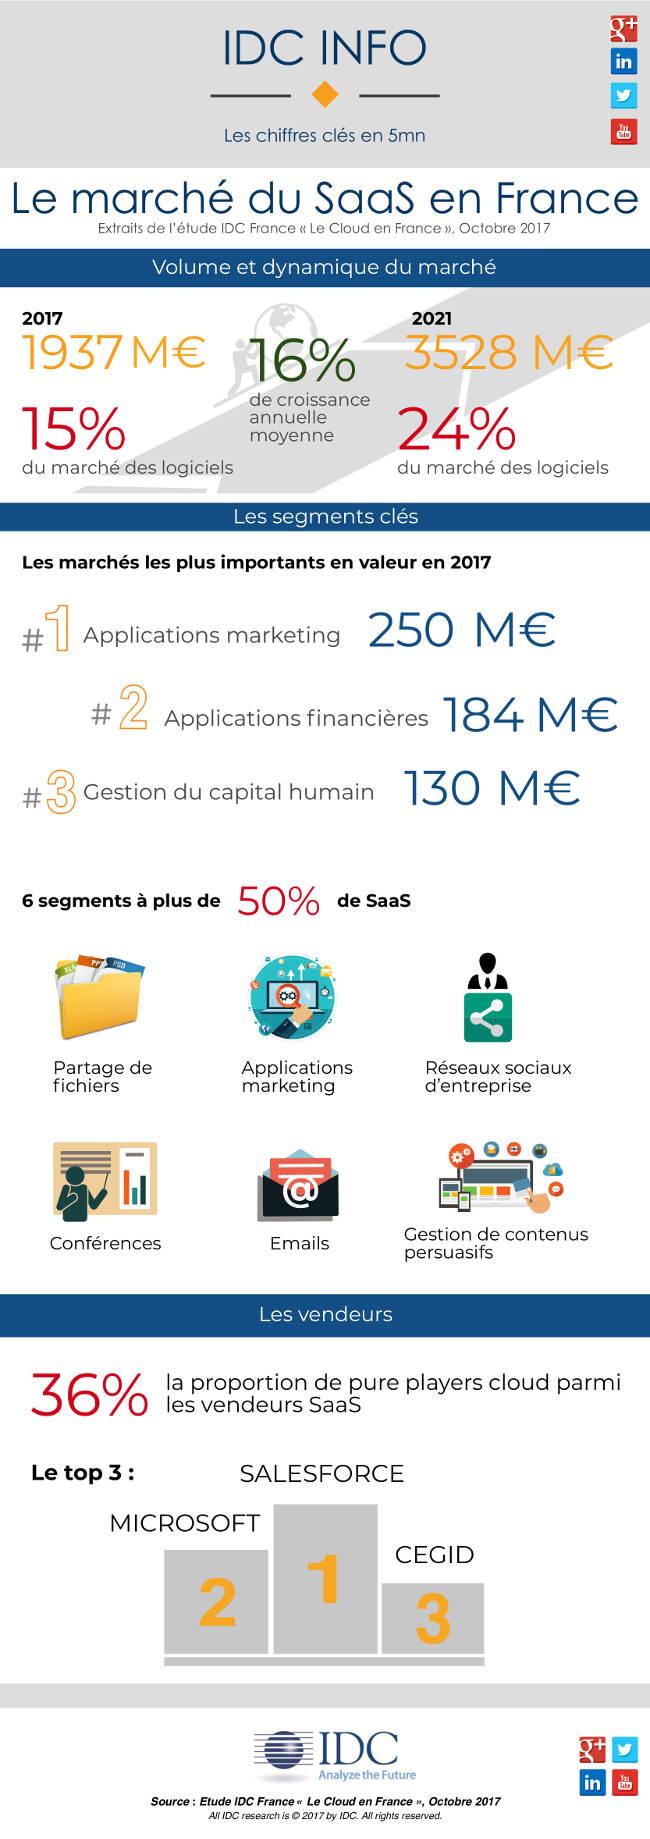 Le marché du SaaS en France